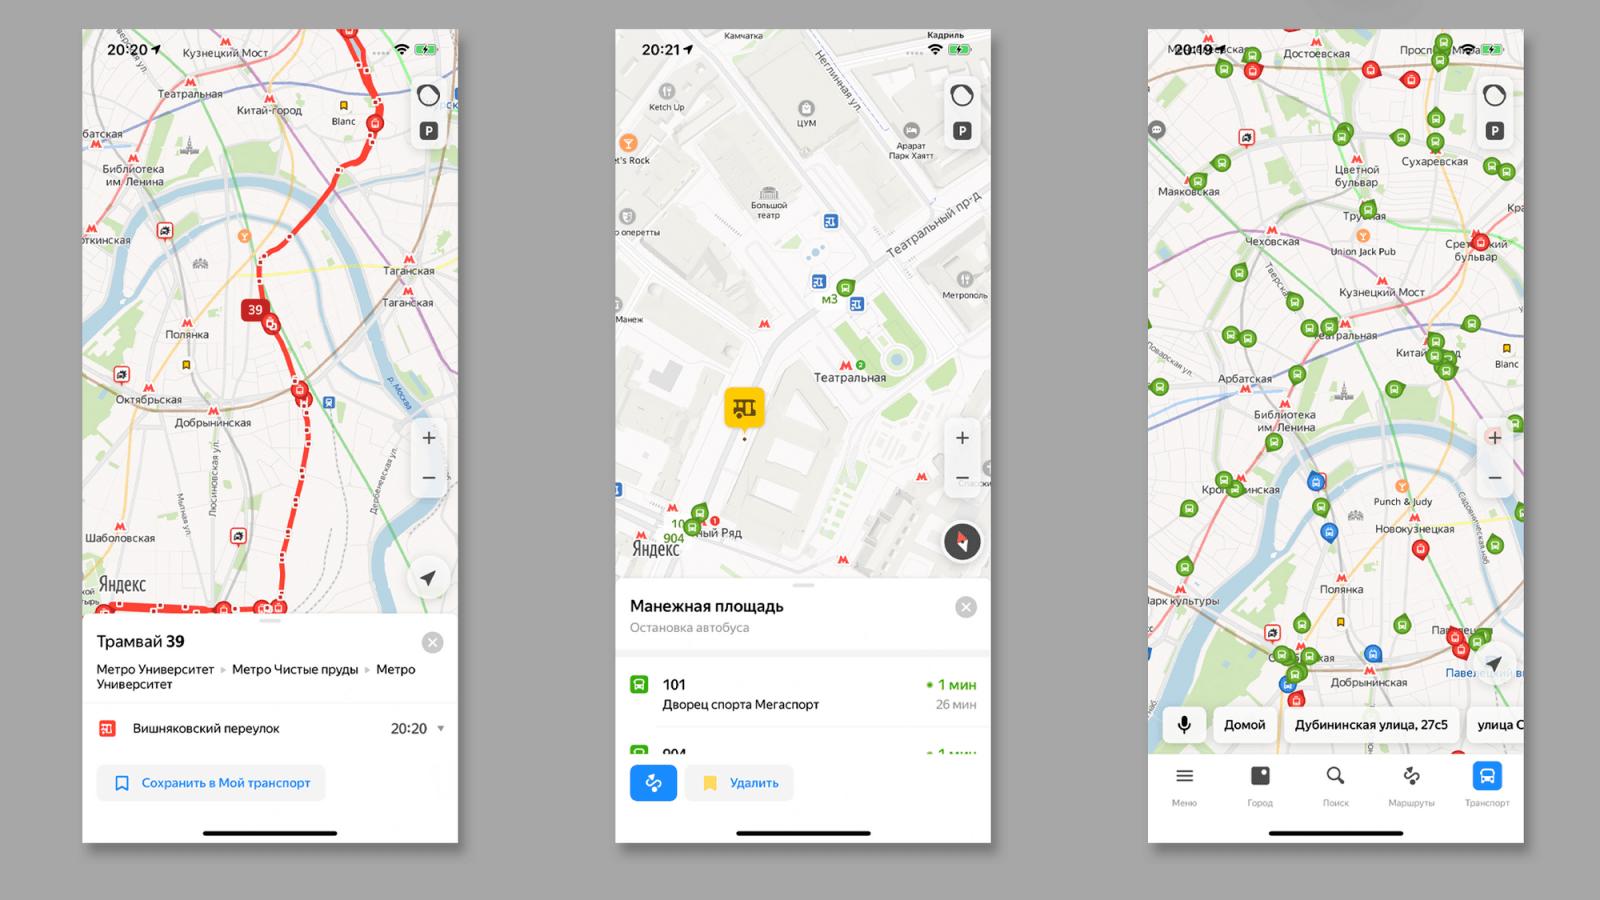 Яндекс.Карты покажут расписание общественного транспорта (screen 5 edited)